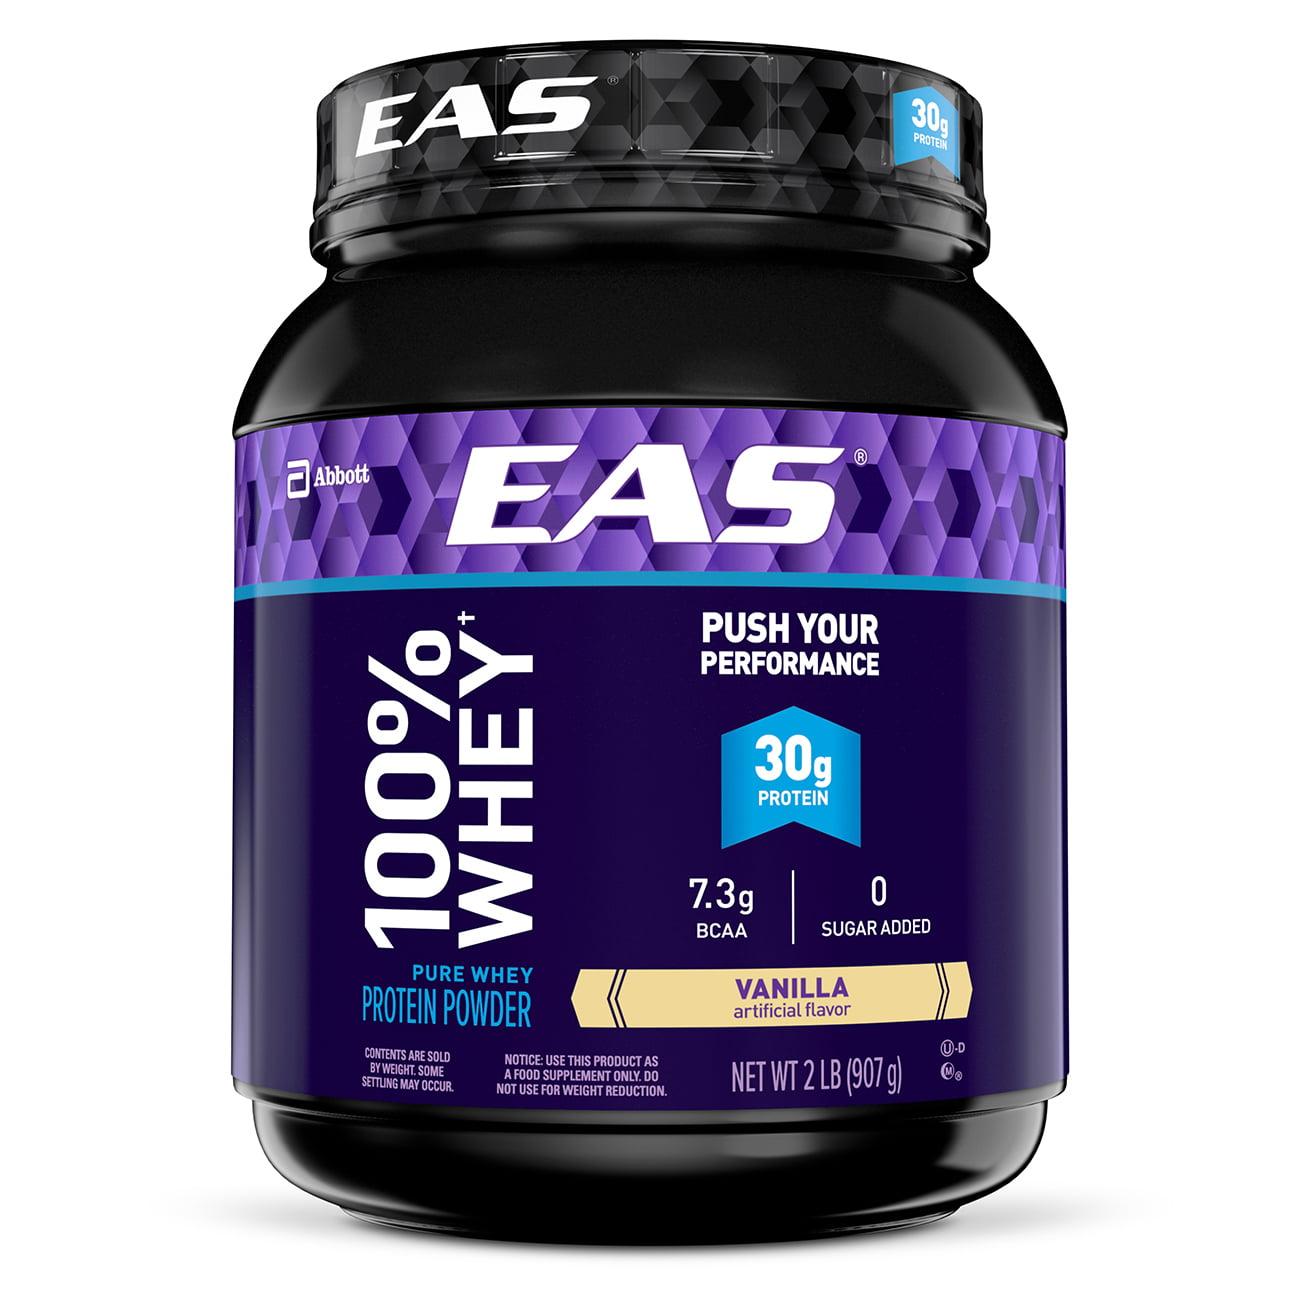 EAS 100% Whey Protein Powder, Vanilla, 30g Protein, 2 lb